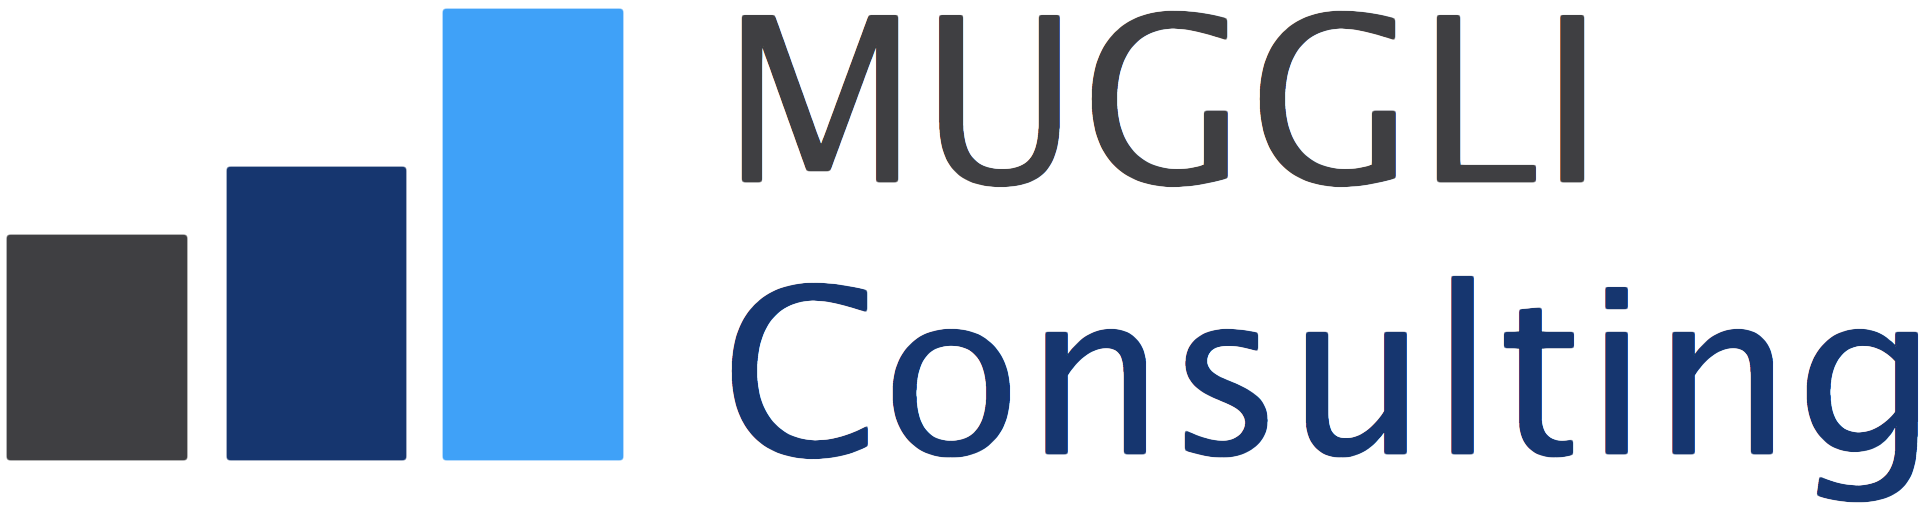 MUGGLI Consulting